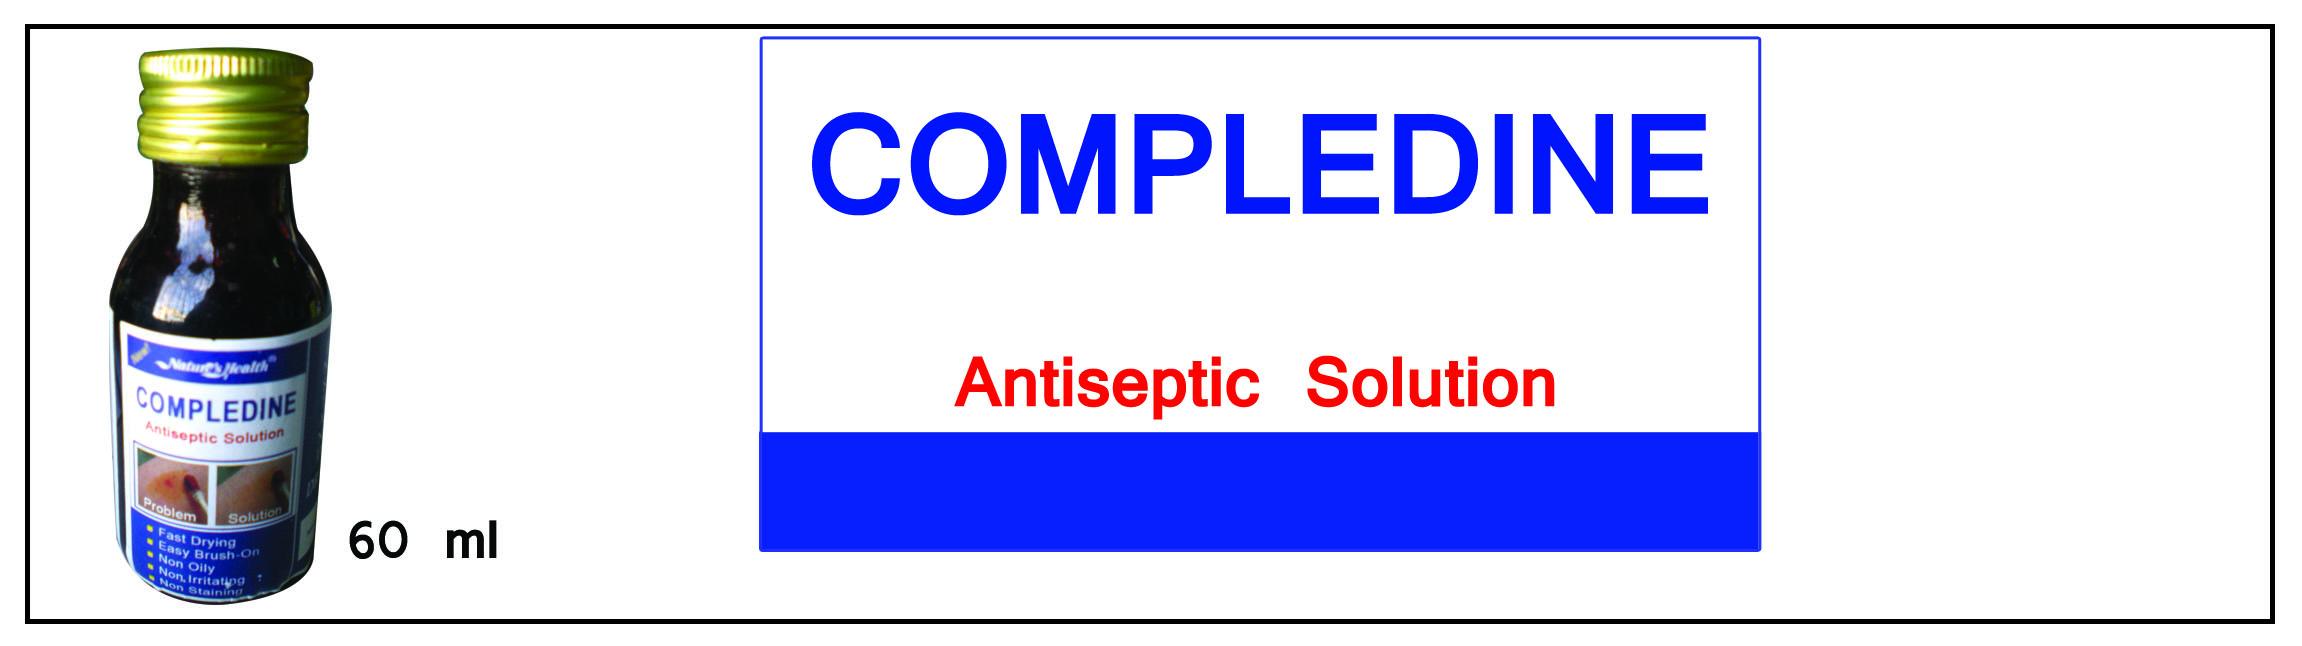 Compledine